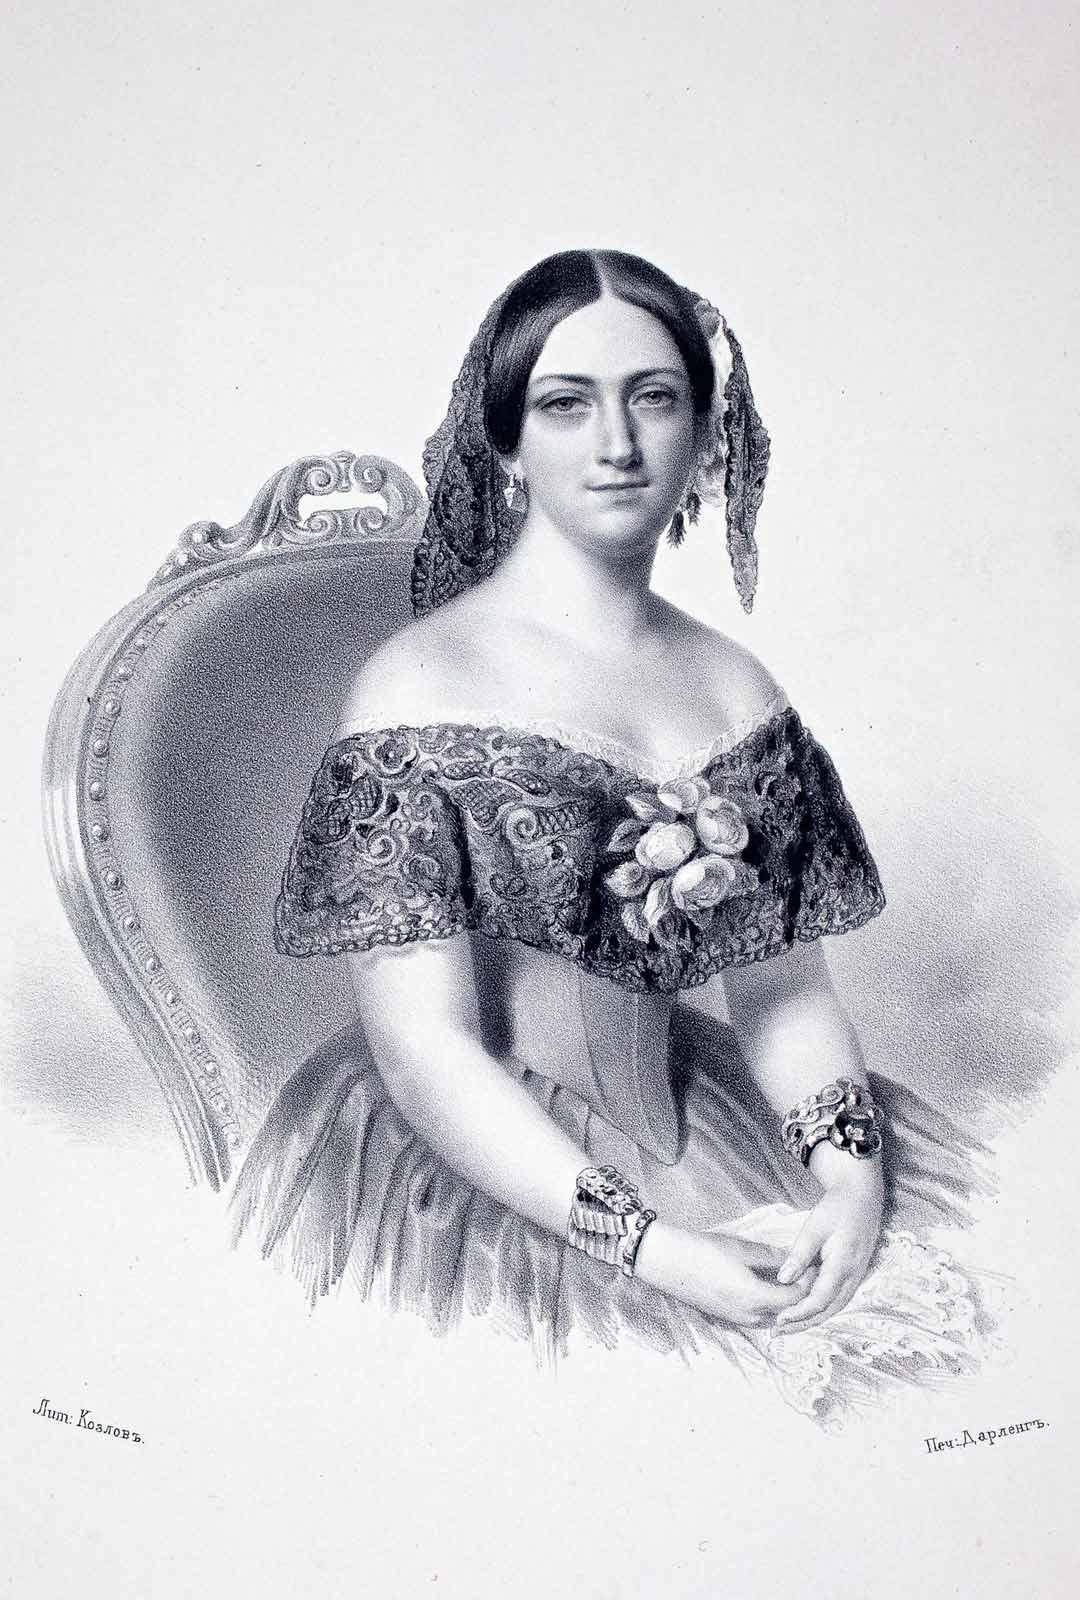 Marie Linderin kasvatuksesta vastasi pitkälti hänen tätinsä Aurora Karamzin, josta muodostui hänelle eräänlainen äitihahmo, vieläpä varsin dominoiva sellainen. Marie vietti pitkiä aikoja elämästään tädilleen kuuluneissa Träskandan kartanossa ja Hakasalmen huvilassa.